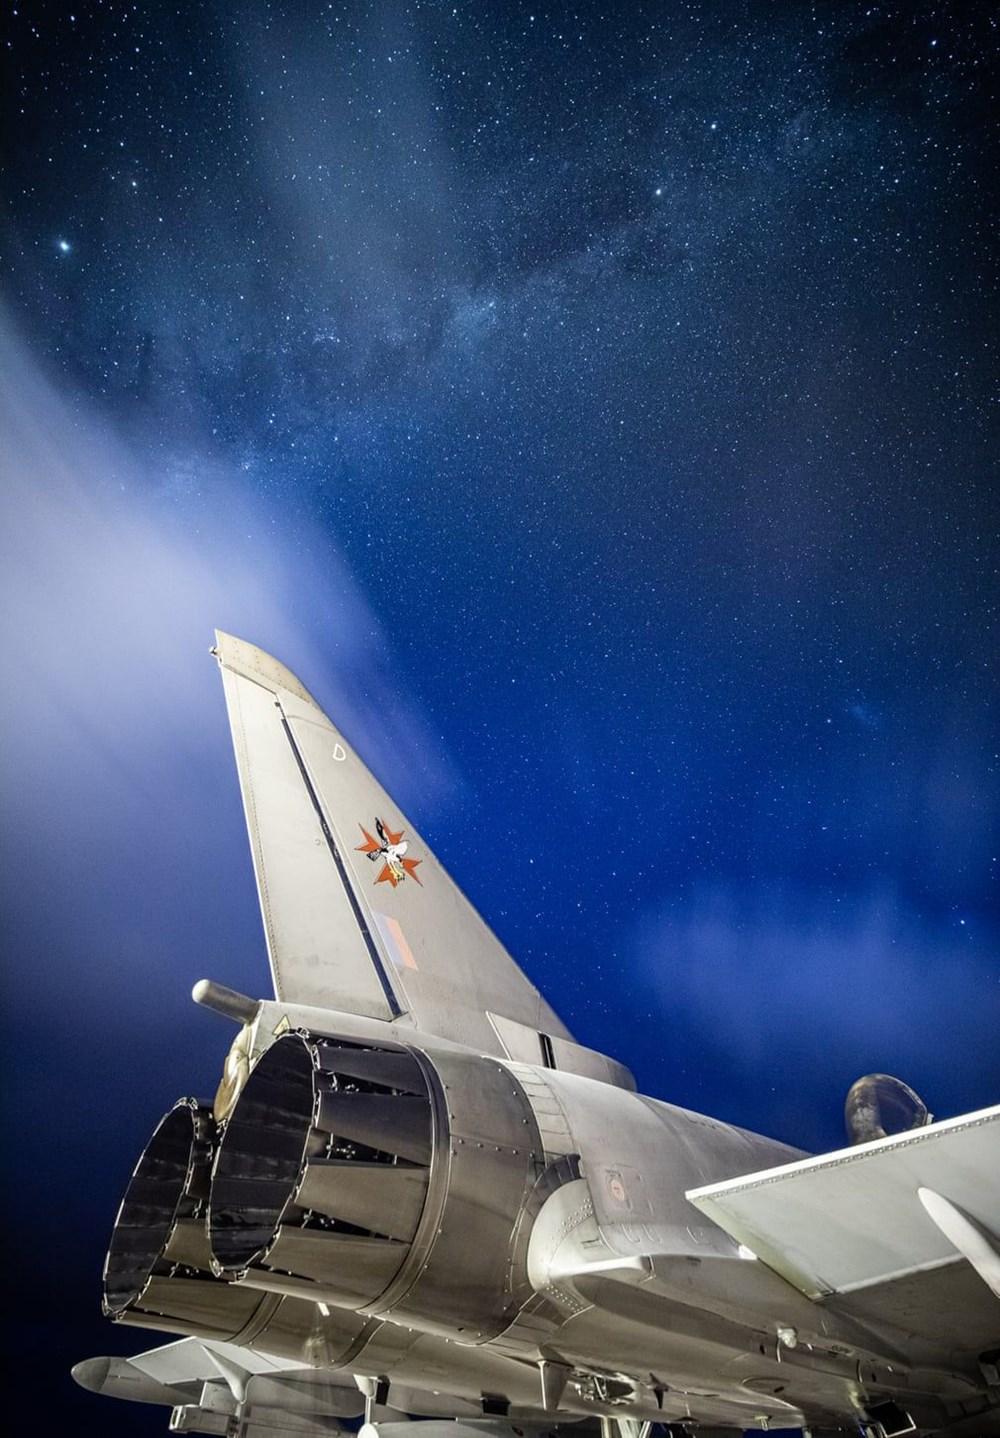 2020 Kraliyet Hava Kuvvetleri Fotoğraf Yarışması'nın kazananları - 4